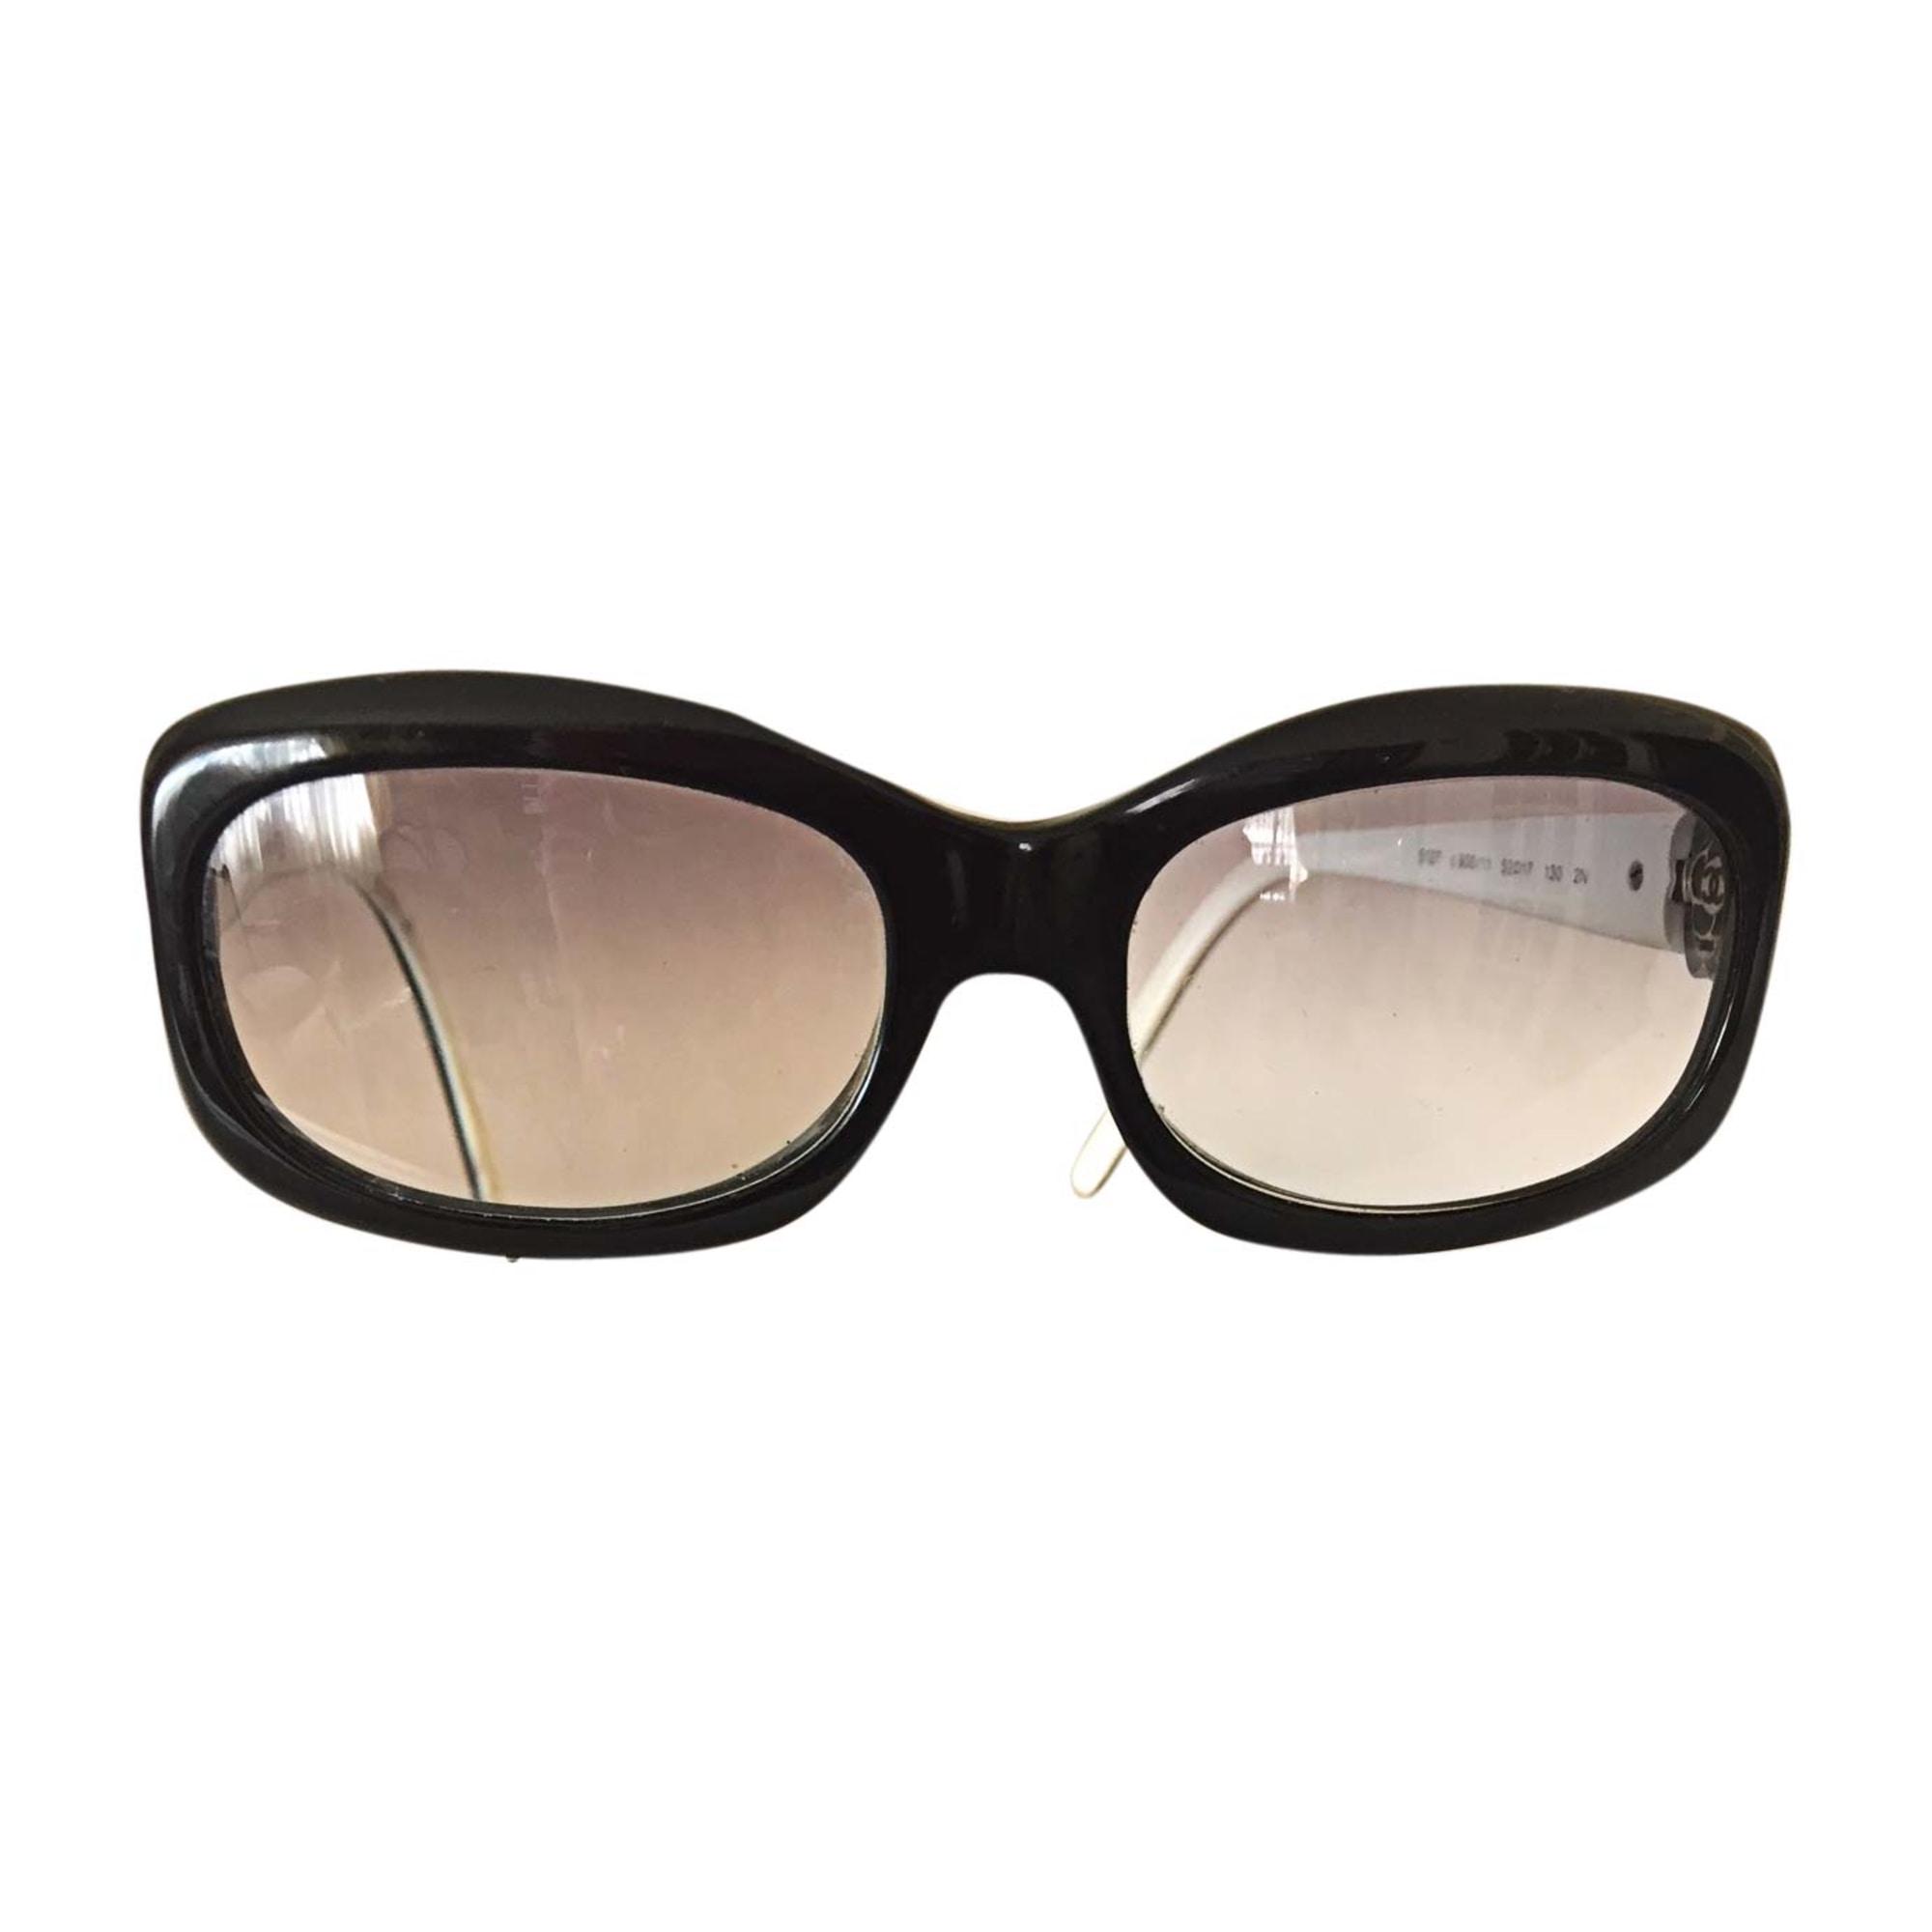 Monture de lunettes CHANEL noir vendu par Flora33 - 7578255 ce3540def984